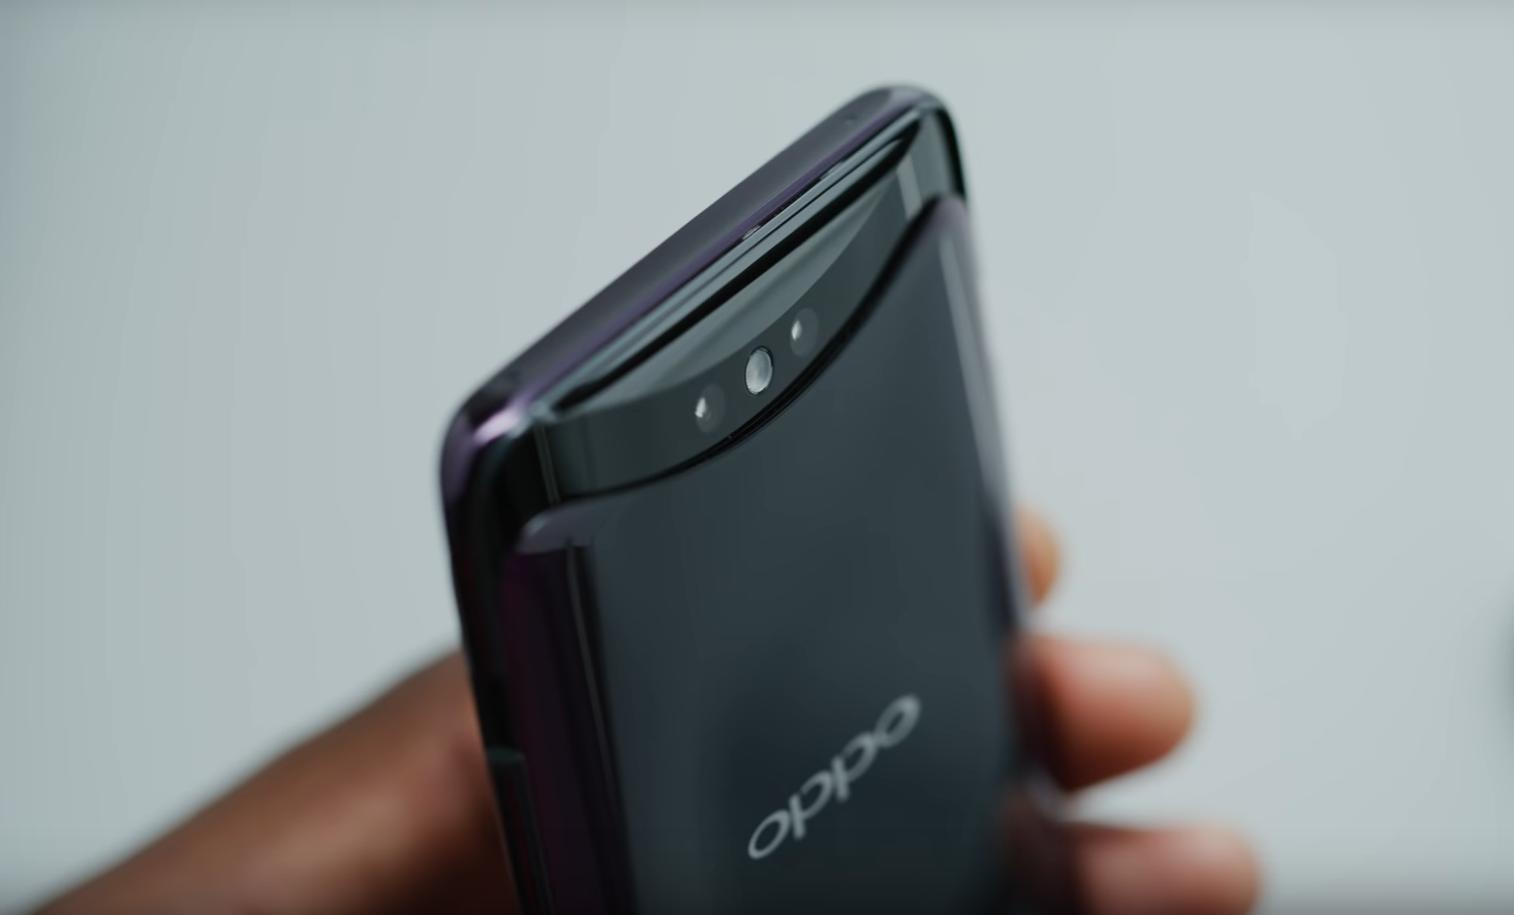 Обзор достоинств и недостатков смартфона Oppo Find X